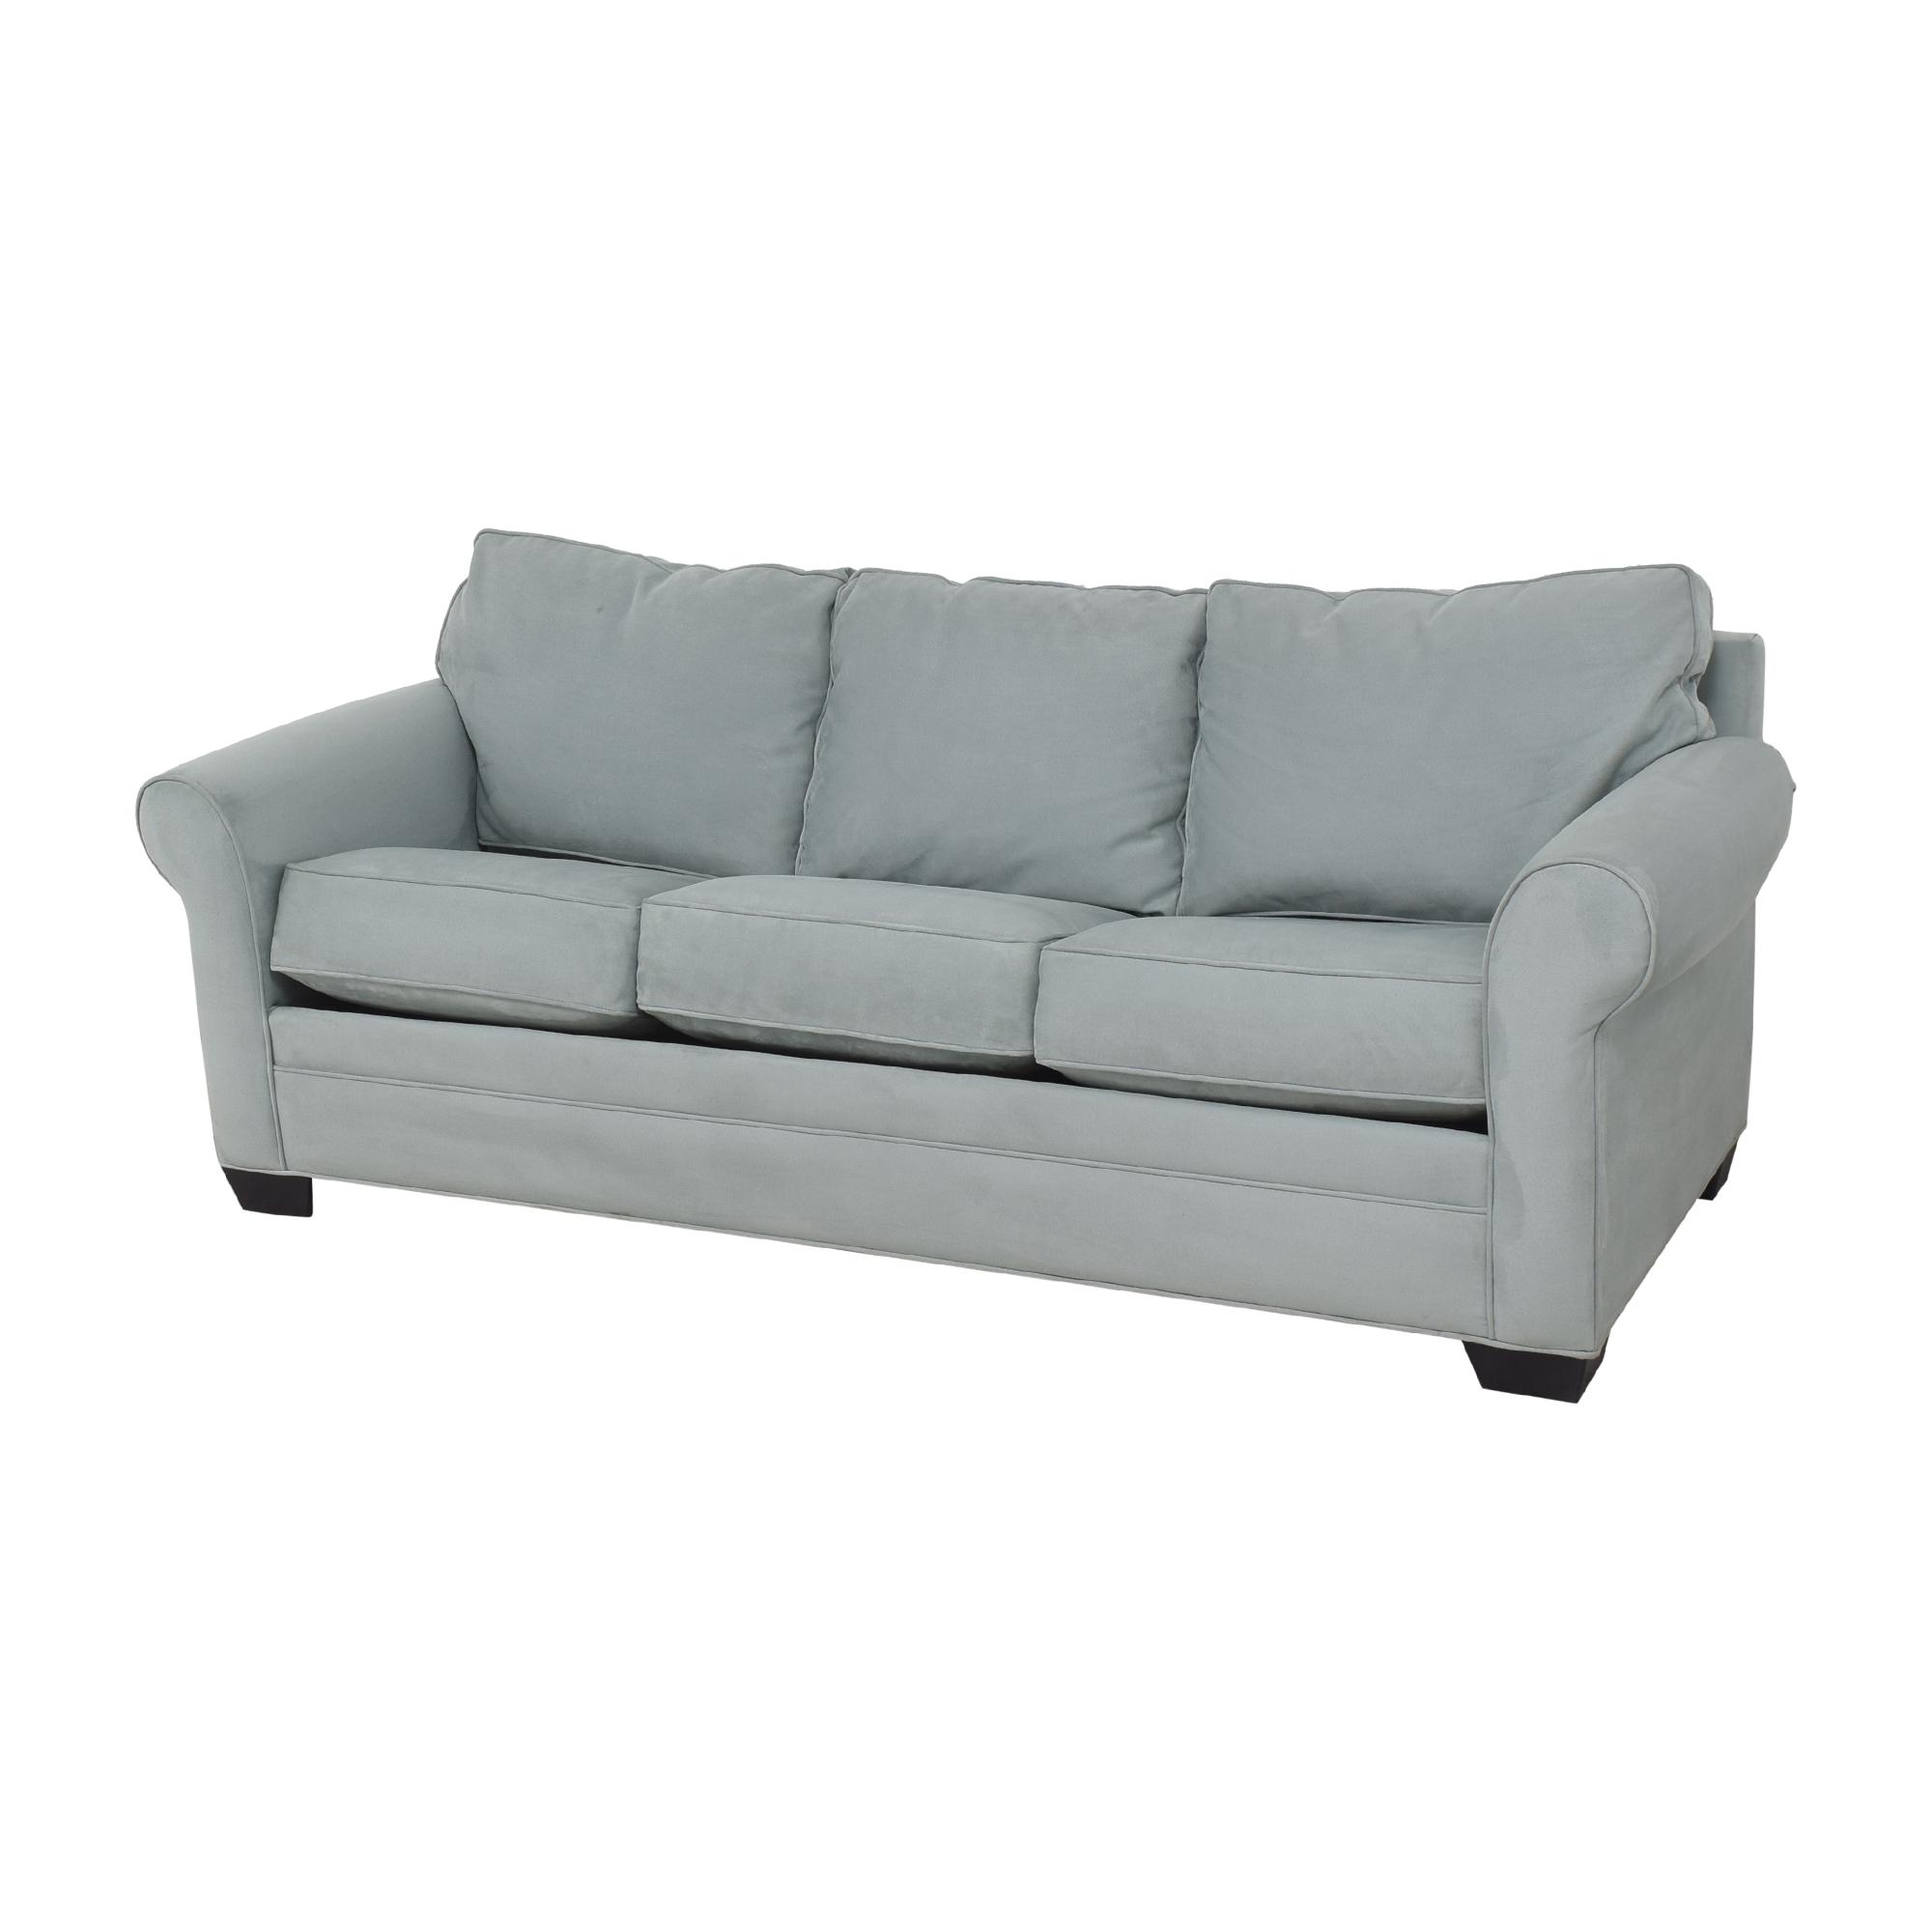 Cindy Crawford Home Bellingham Hydra Sleeper Sofa / Sofa Beds